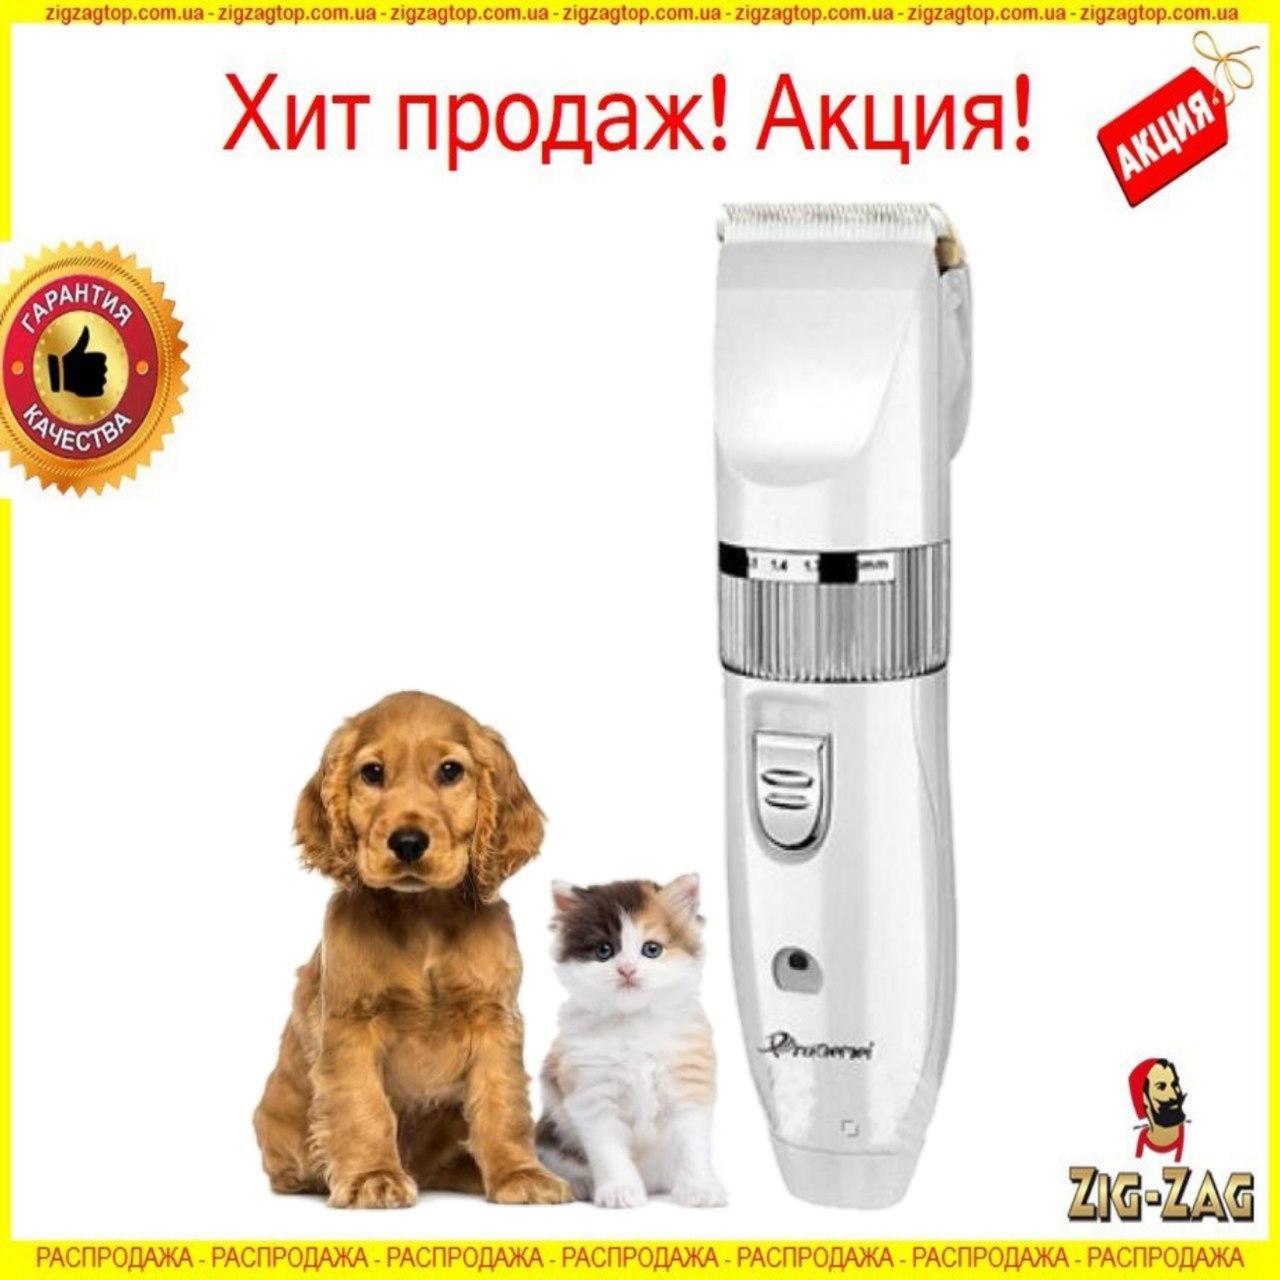 Машинка для стрижки животных Gemei GM-634 USB Шерсти для Котов, собак Домой ТОП